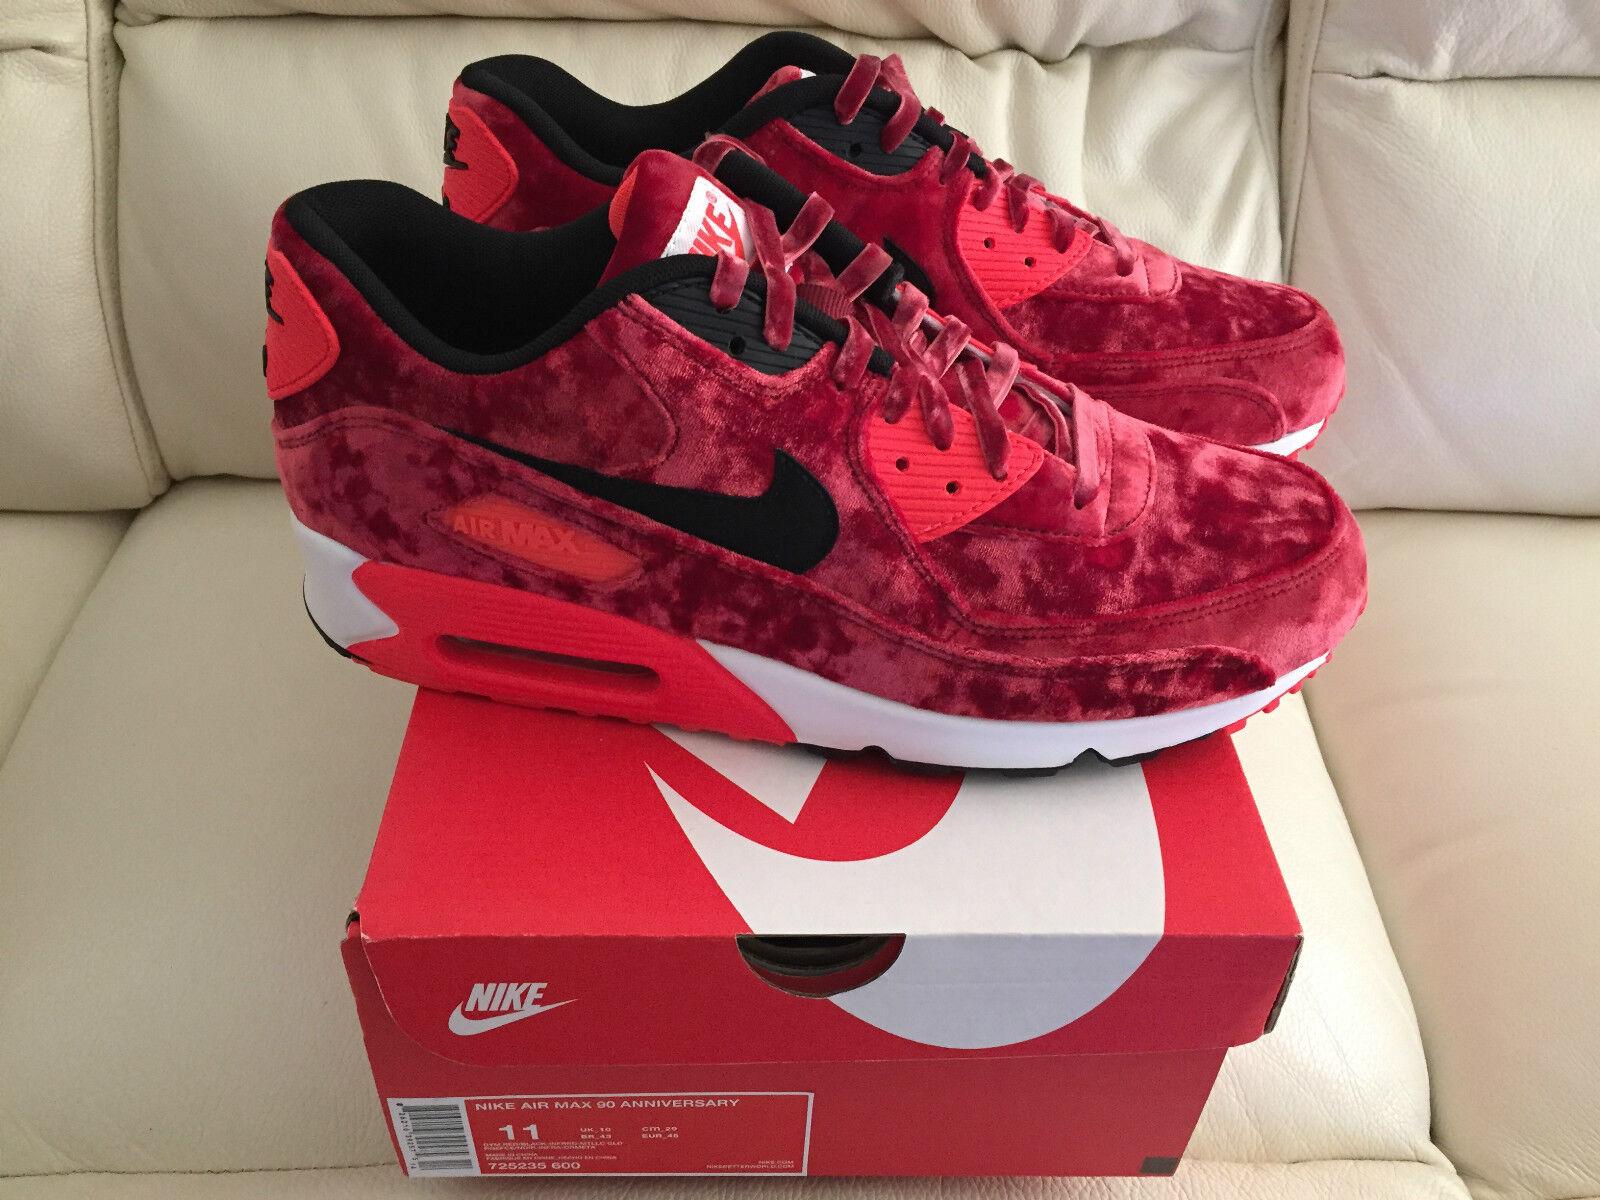 Nike Air Max 90 Red Velvet Zapatillas Zapatos Tenis Todas las Tallas Nuevo